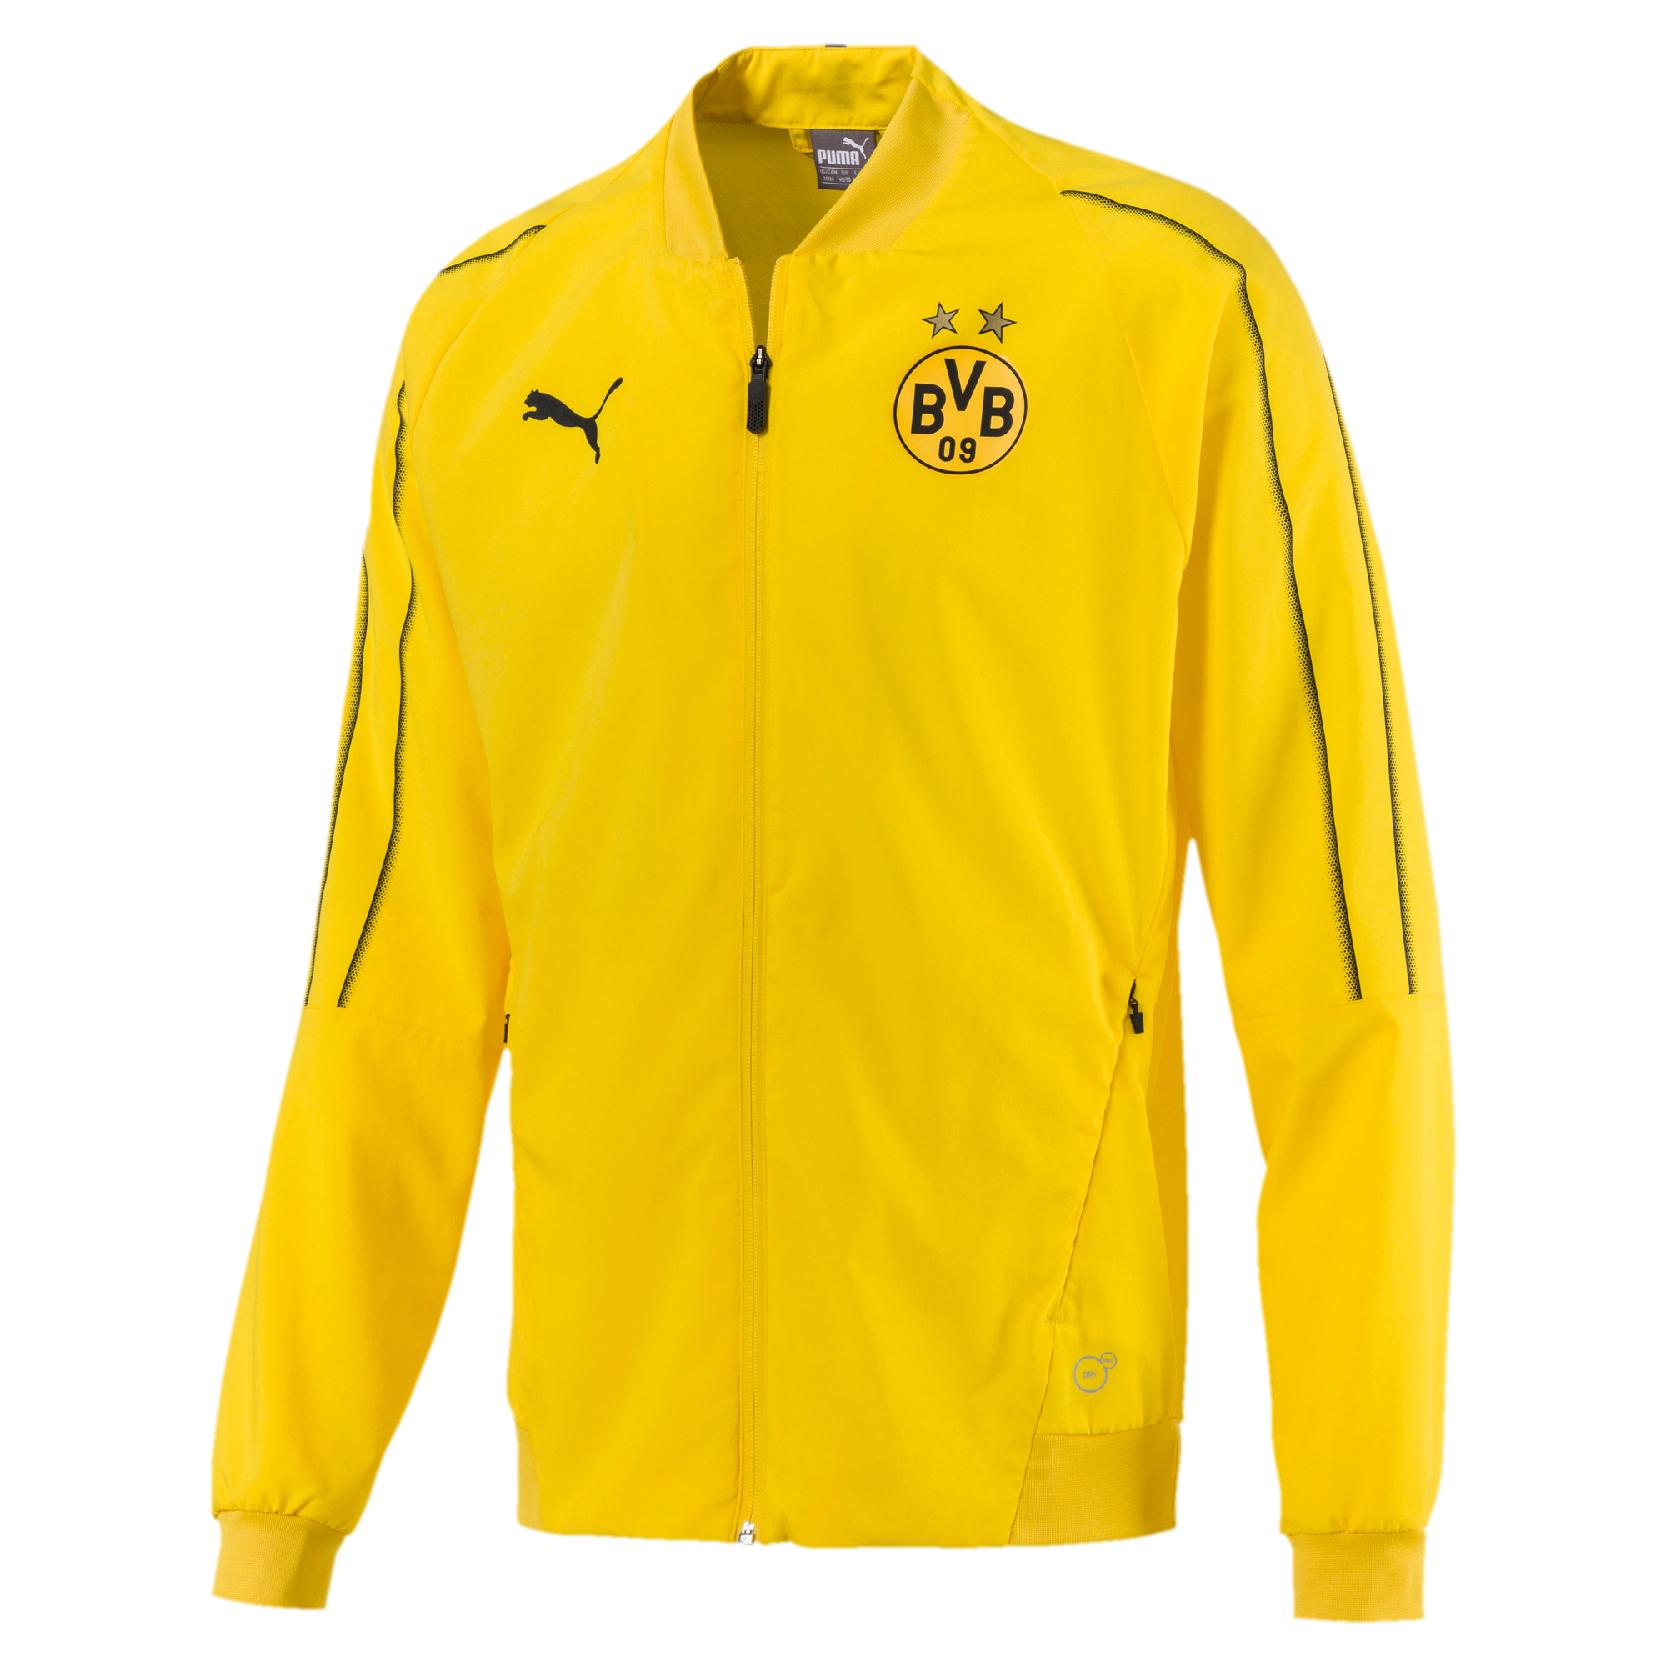 Puma BVB Borussia Dortmund - Herren Leisure Jacket Trainingsjacke in Größe S - 3XL & auch für Kinder